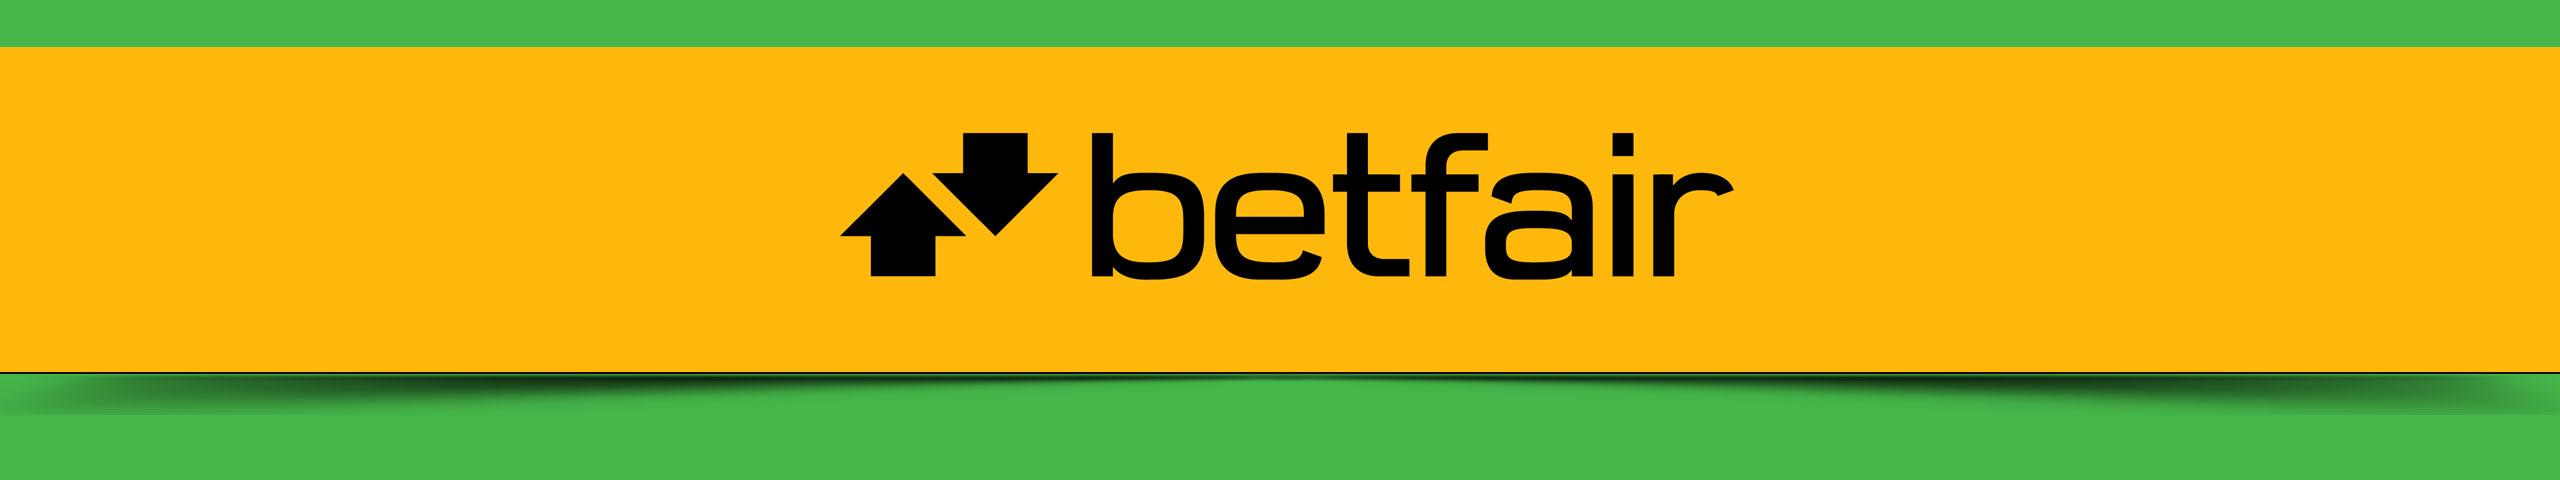 Vizualizarea Cazinoului Betfair - Multabafta.com Slider